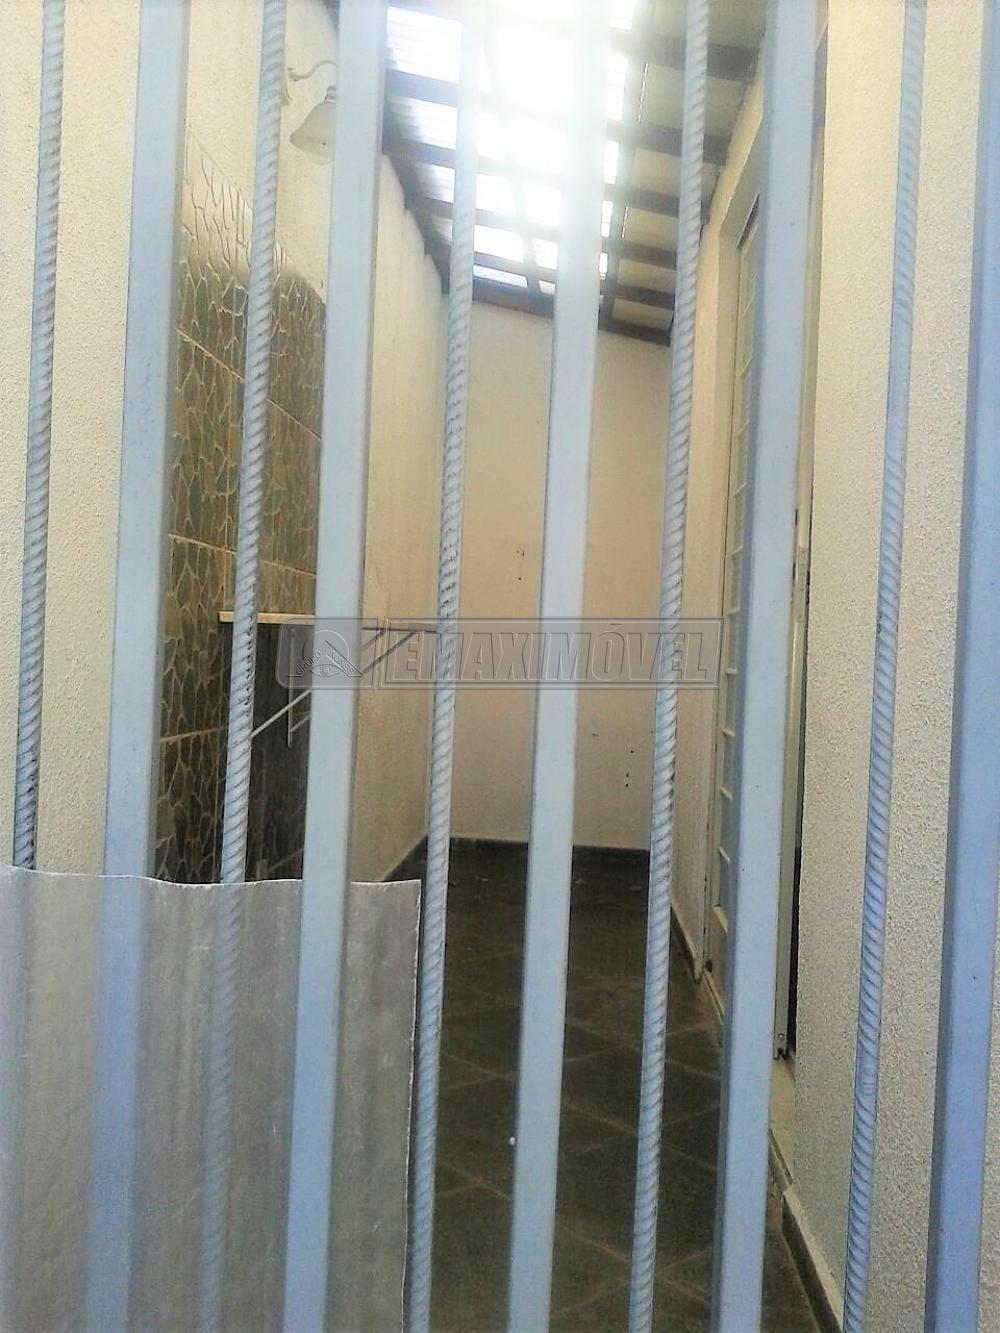 Alugar Casas / Comerciais em Sorocaba apenas R$ 2.300,00 - Foto 10